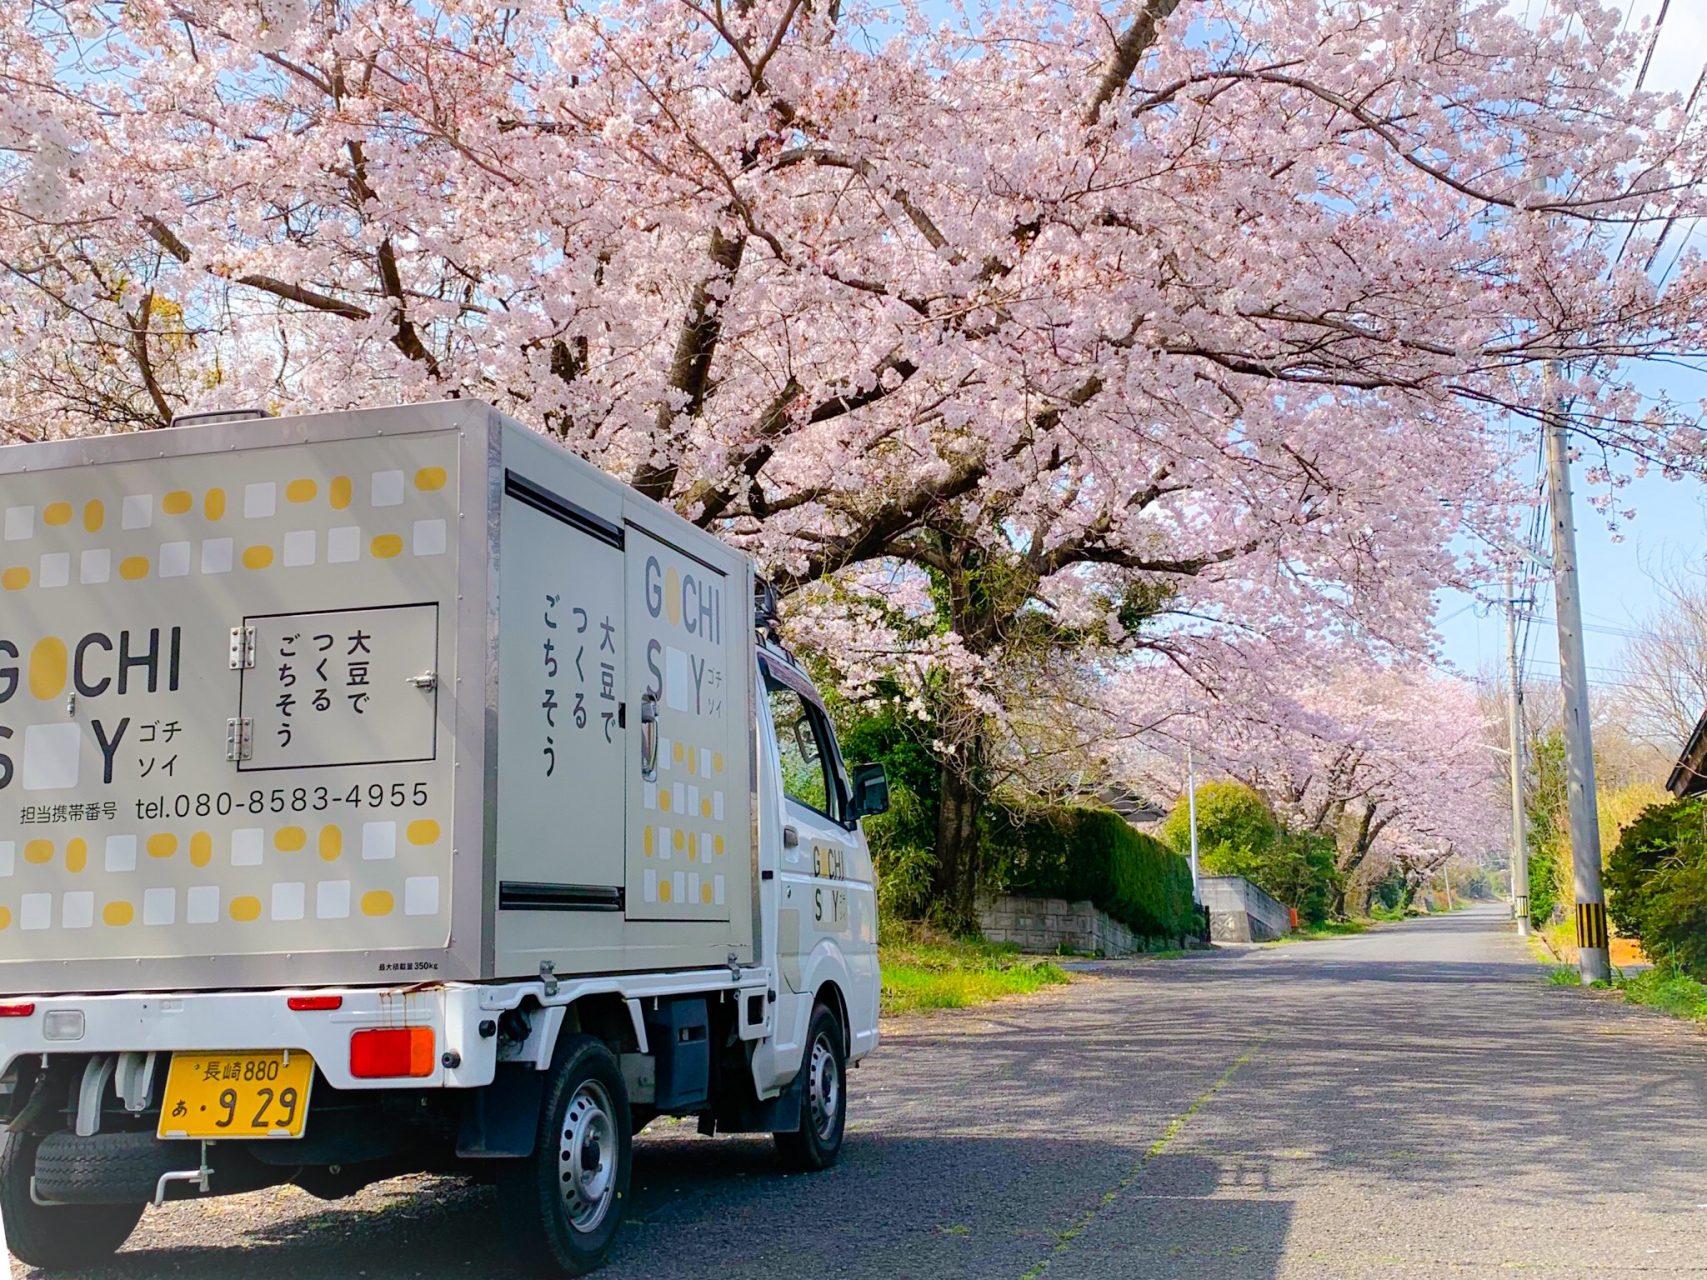 ゴチソイカーと桜